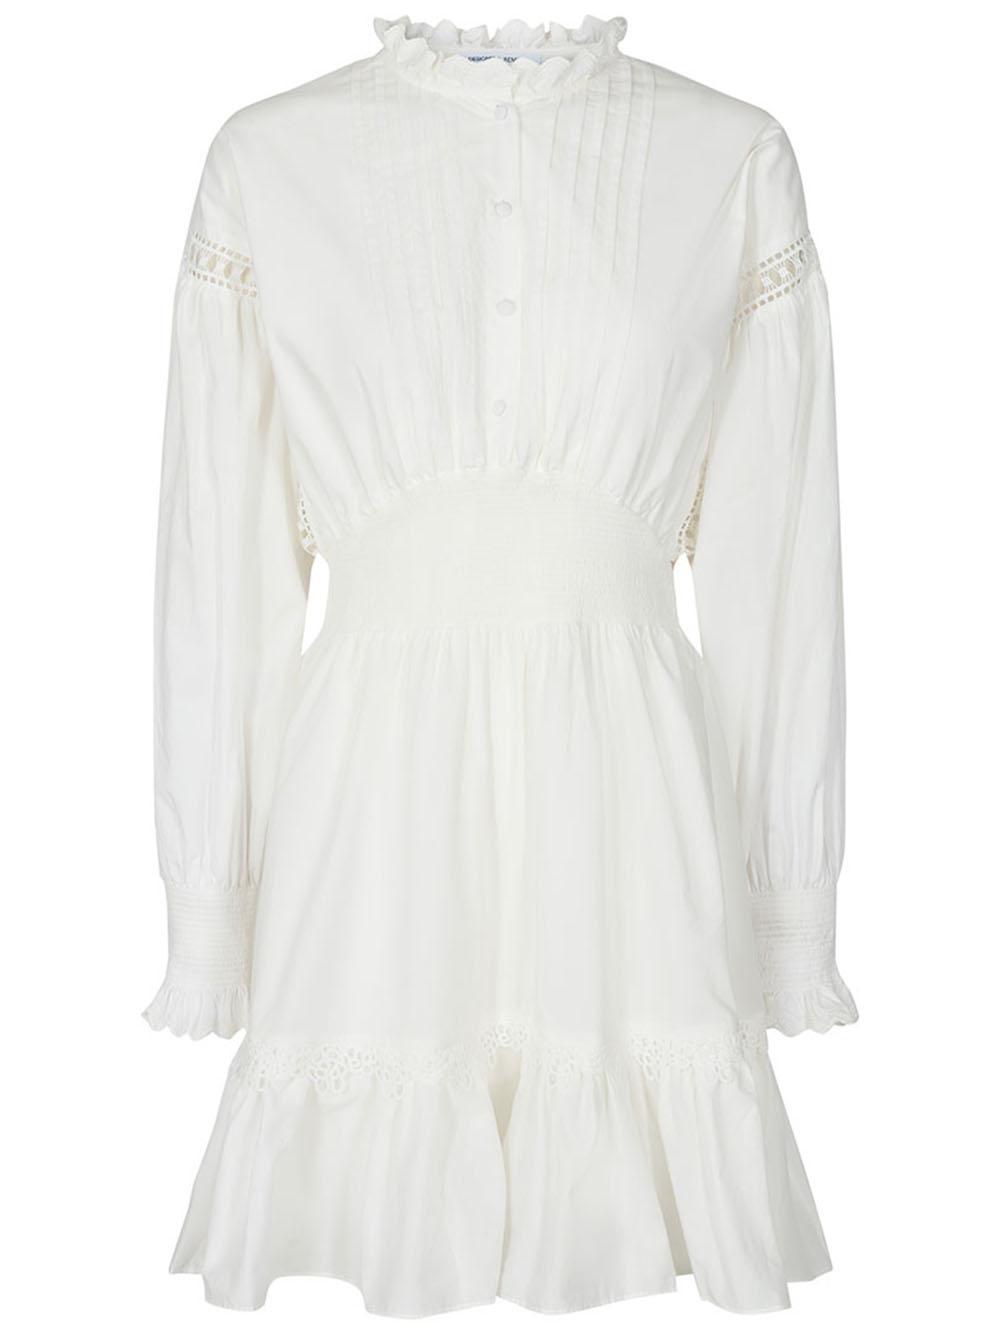 Sandra Ruffle Cotton Poplin Dress Item # 16034